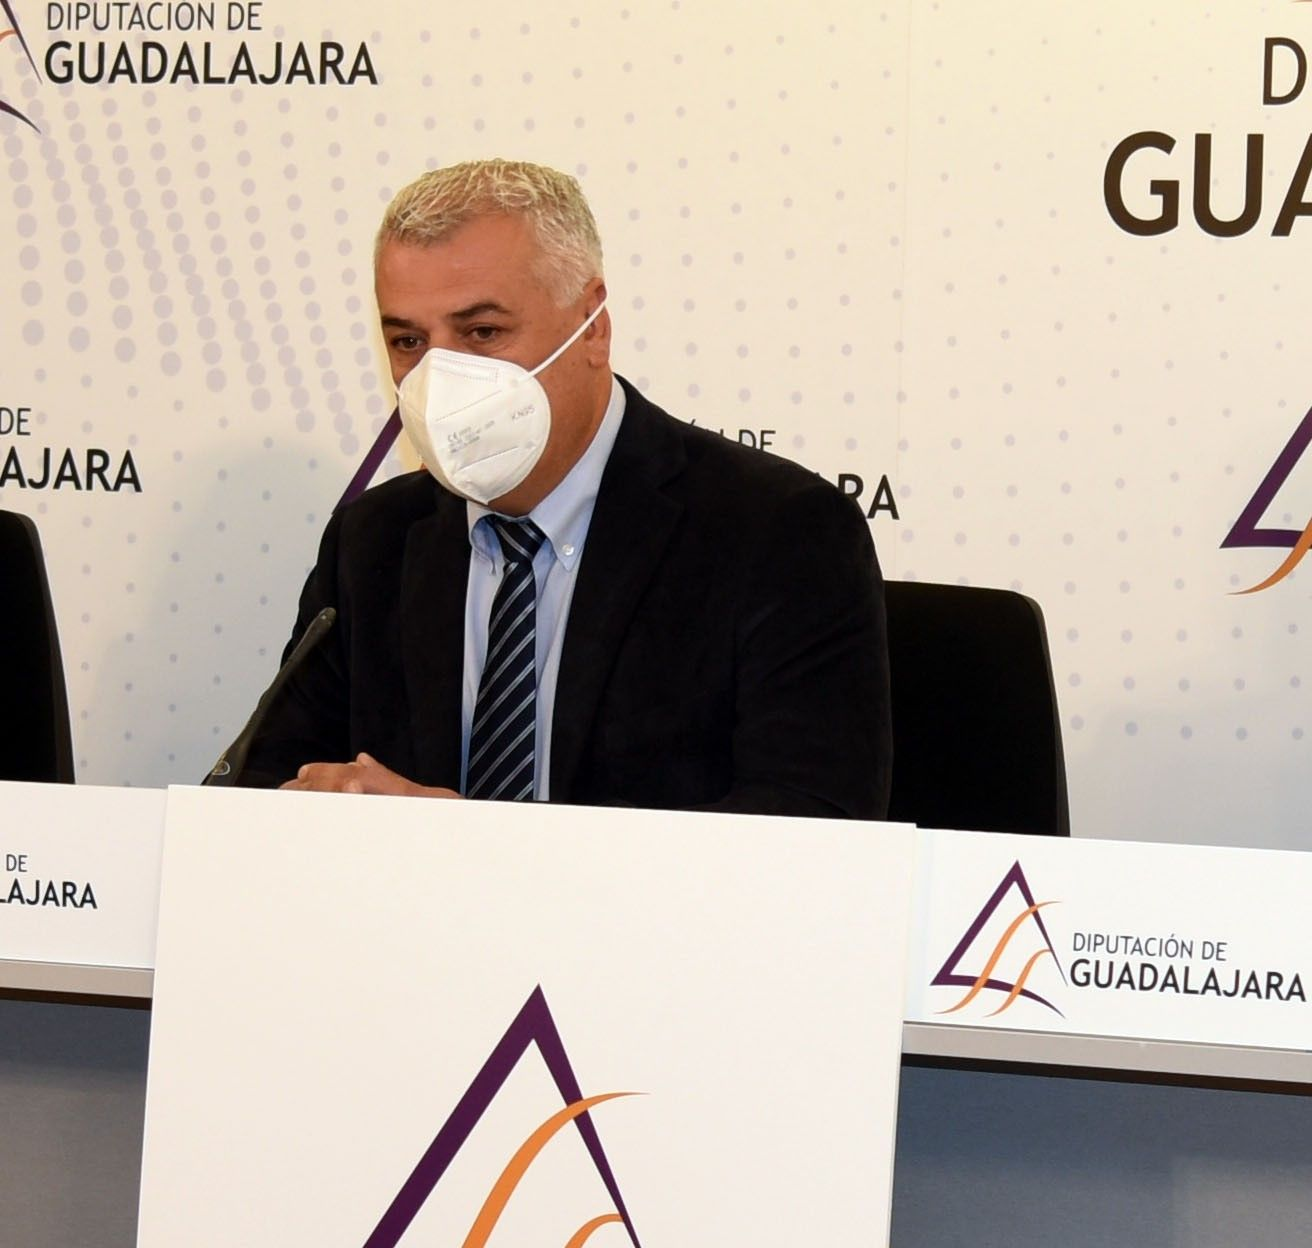 La Diputación sufragará gastos de los ayuntamientos para limpieza y desinfección de colegios por el COVID